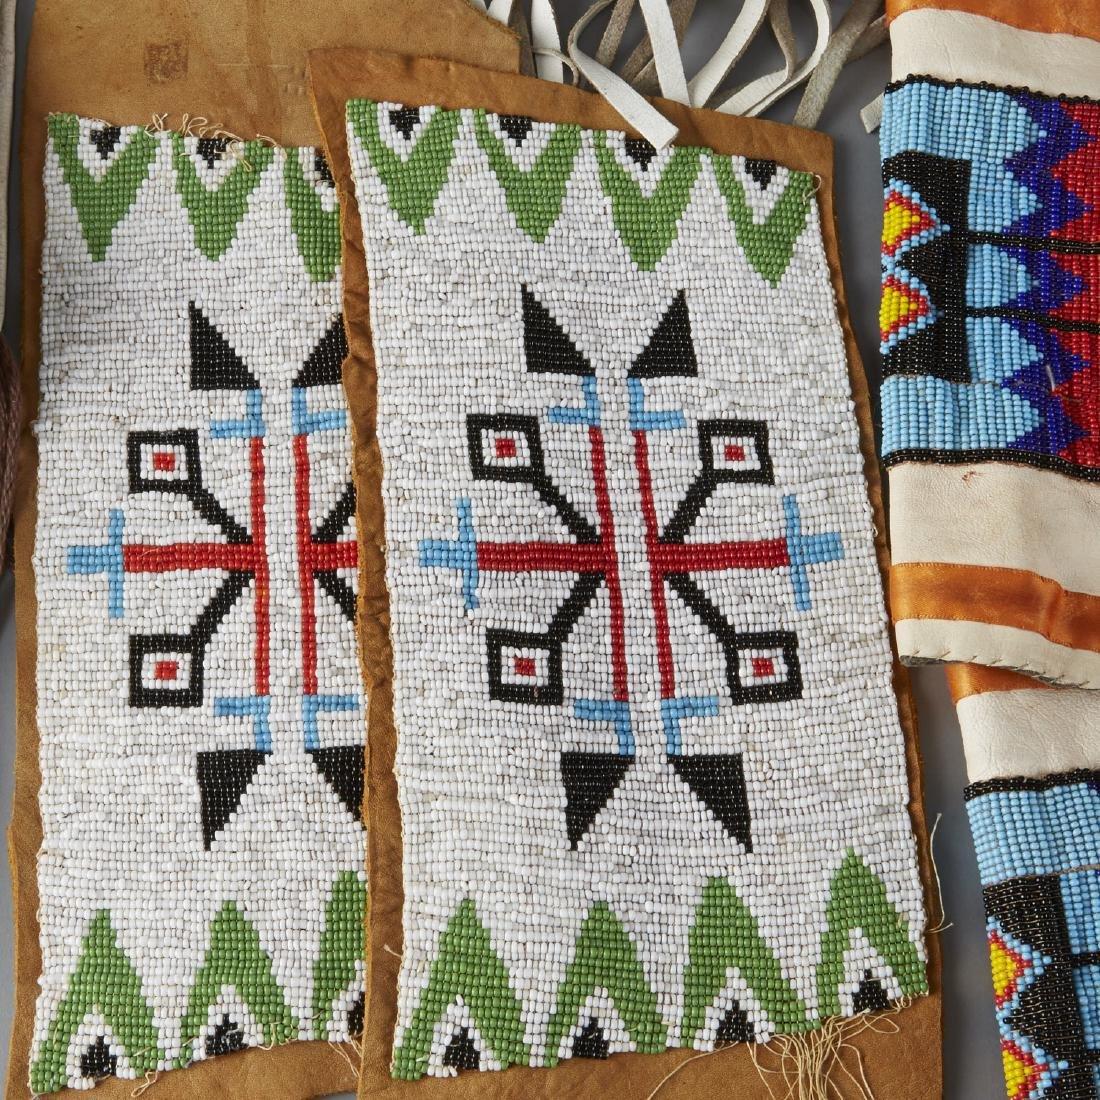 6 Native American Beaded Objects Cheyenne - 3